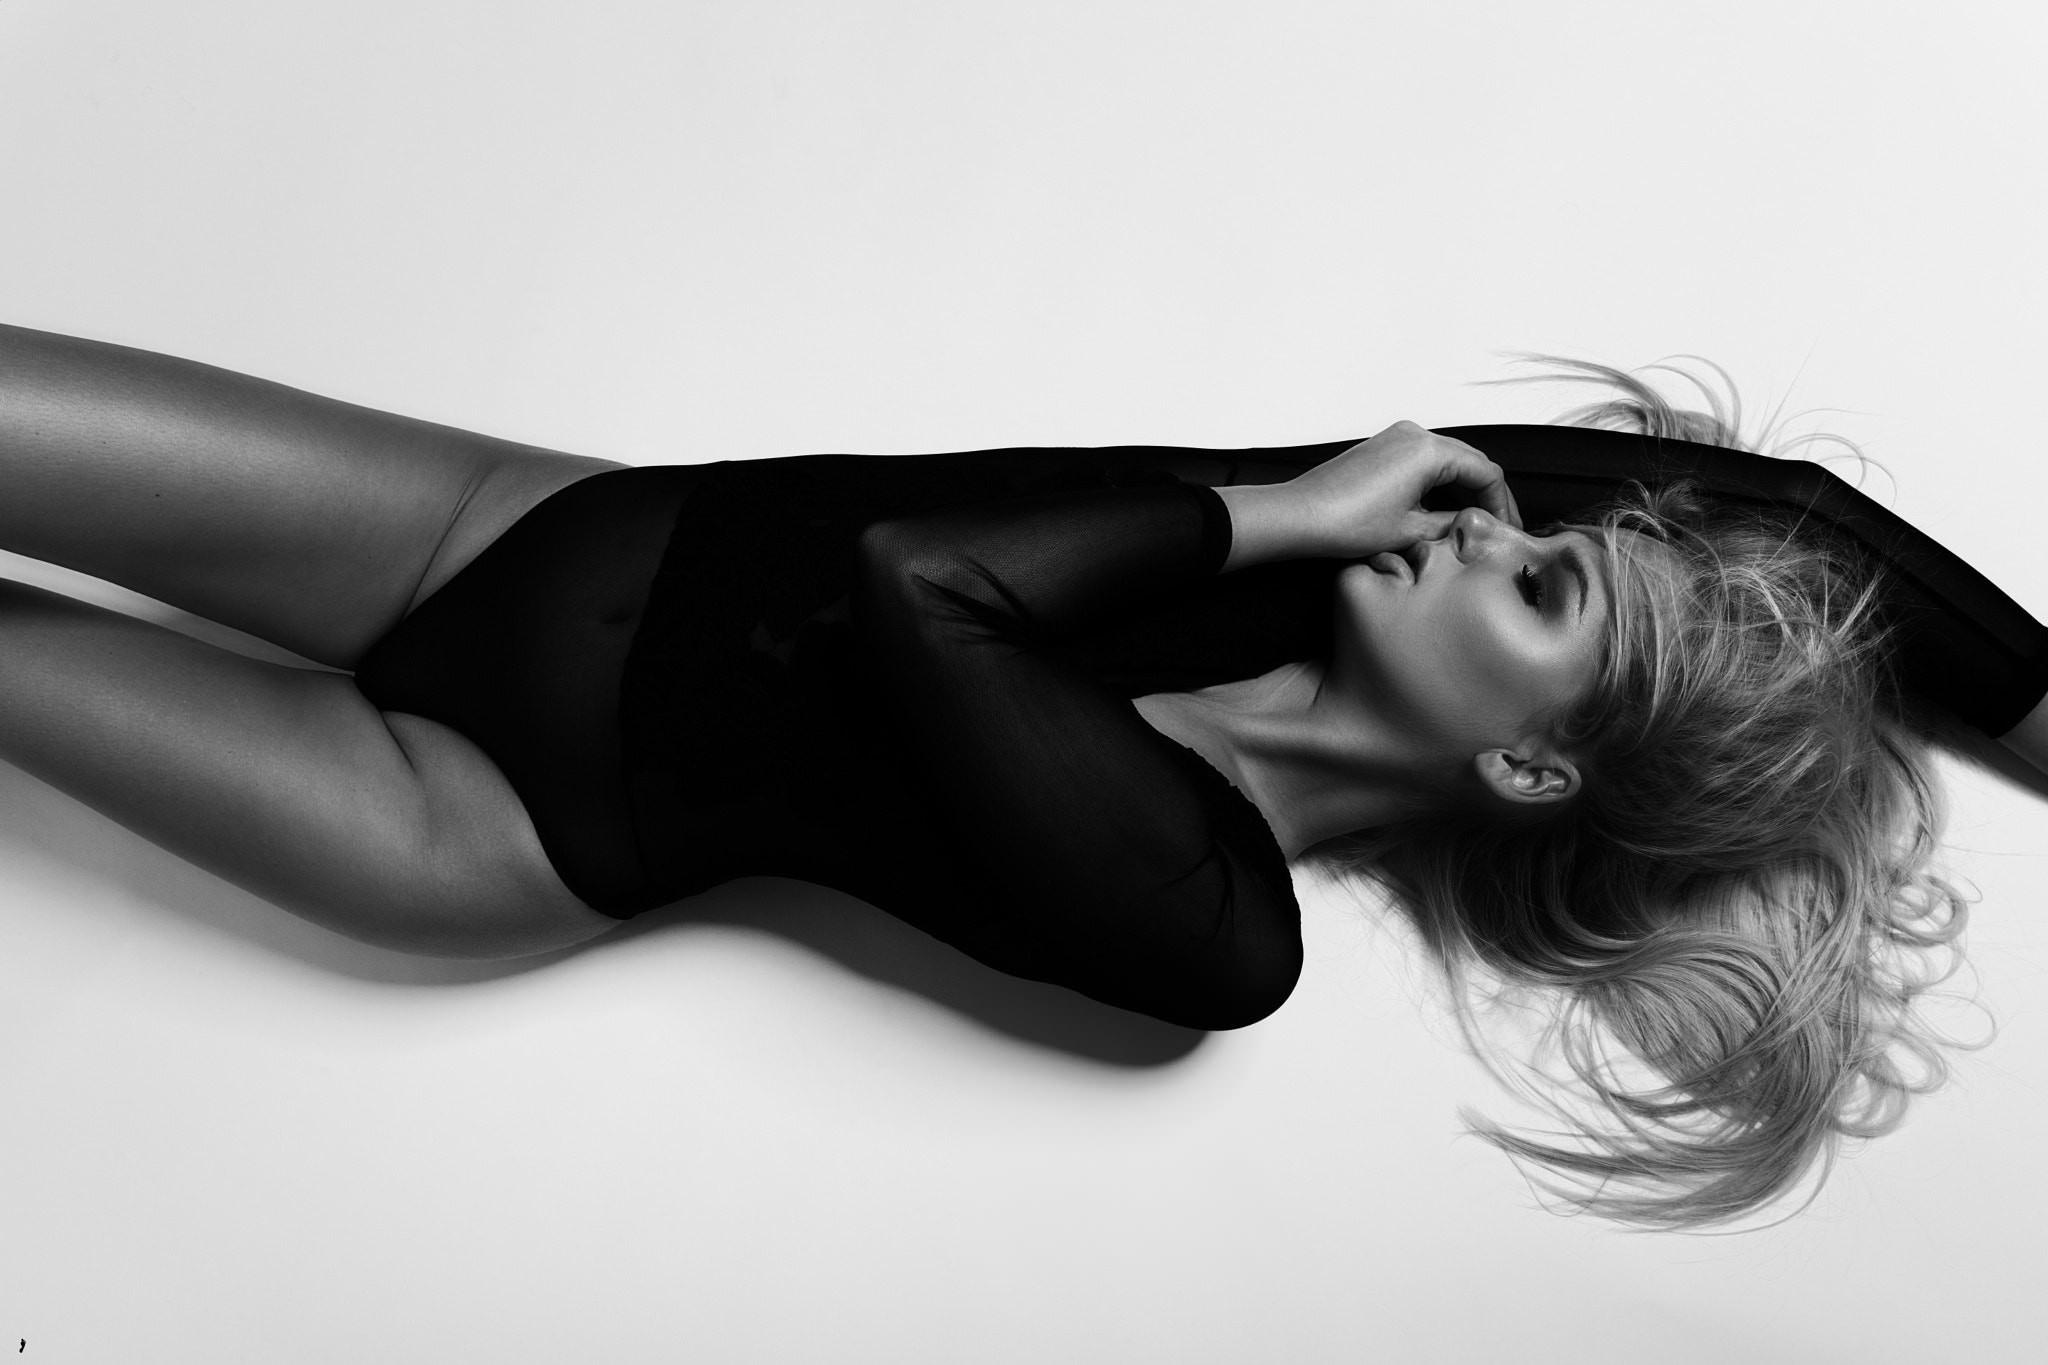 Фото Девушка в черном обтягивающем боди, черно-белое эро фото, скачать картинку бесплатно